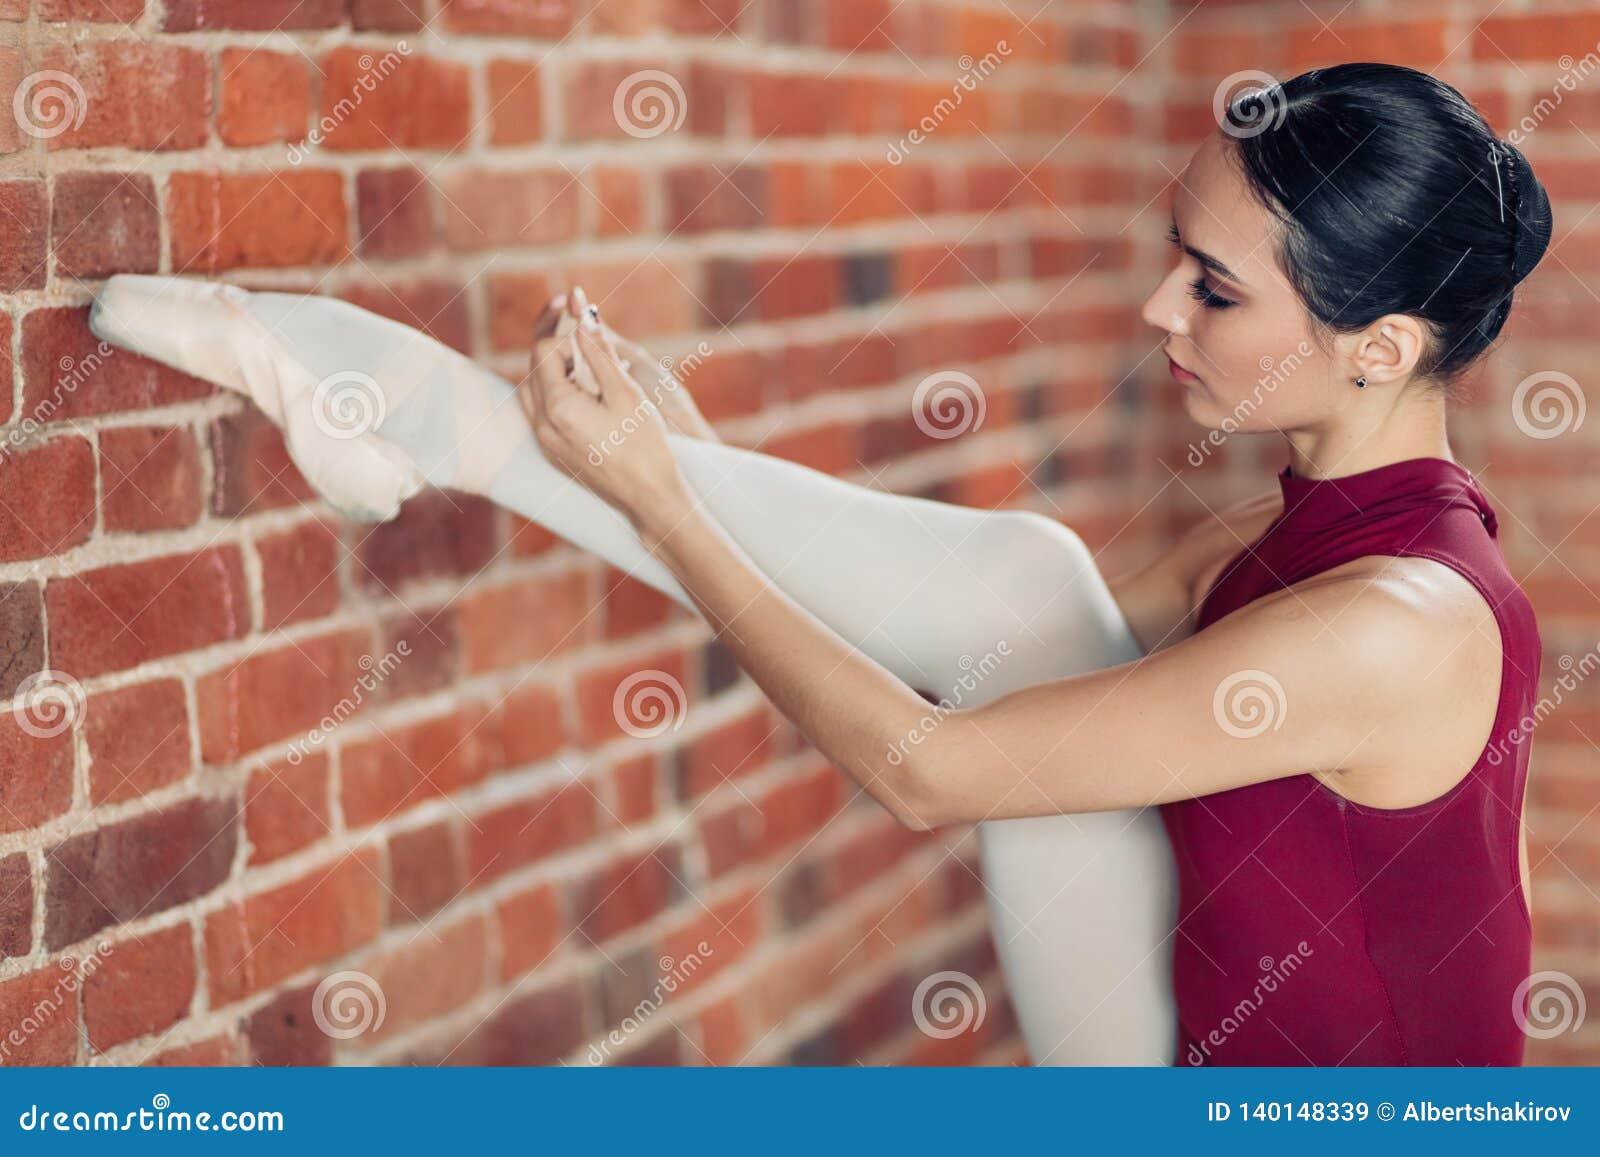 Junge Ballerina mit dem angehobenen Bein, welches das Band in ihren Schuhen bindet